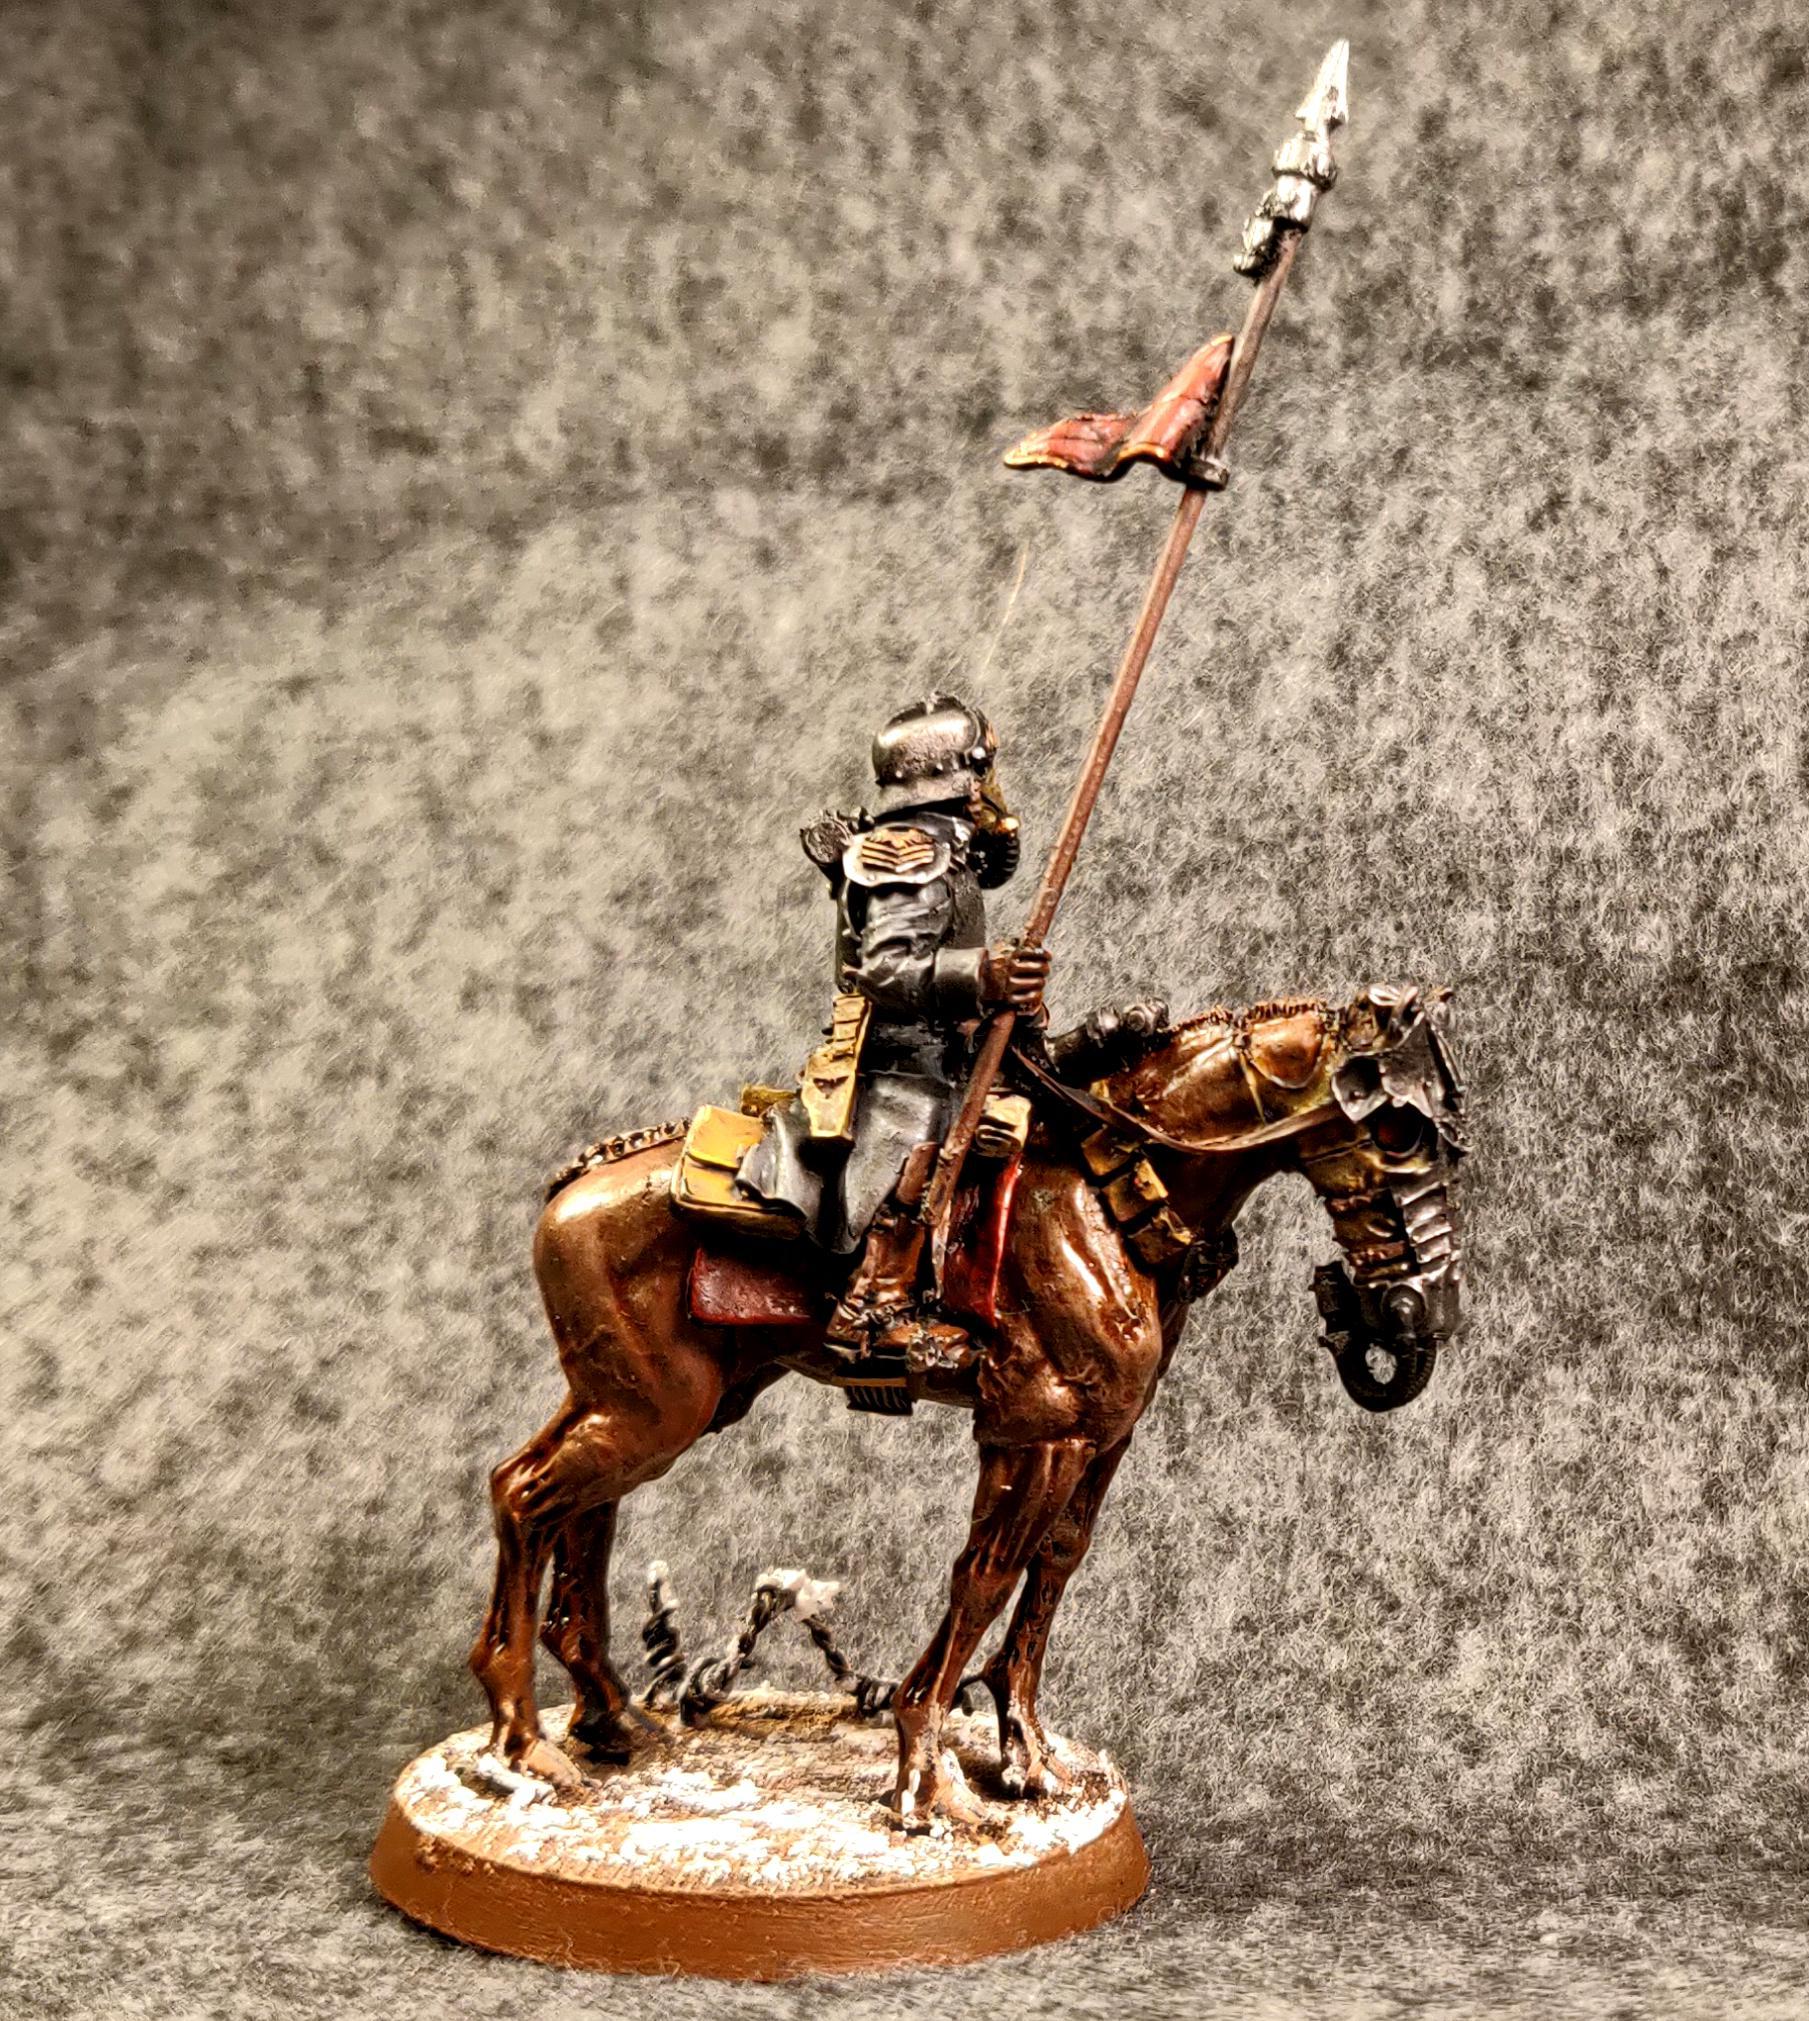 Astra Militarum, Death Korps of Krieg, Death Rider, Warhammer 40,000